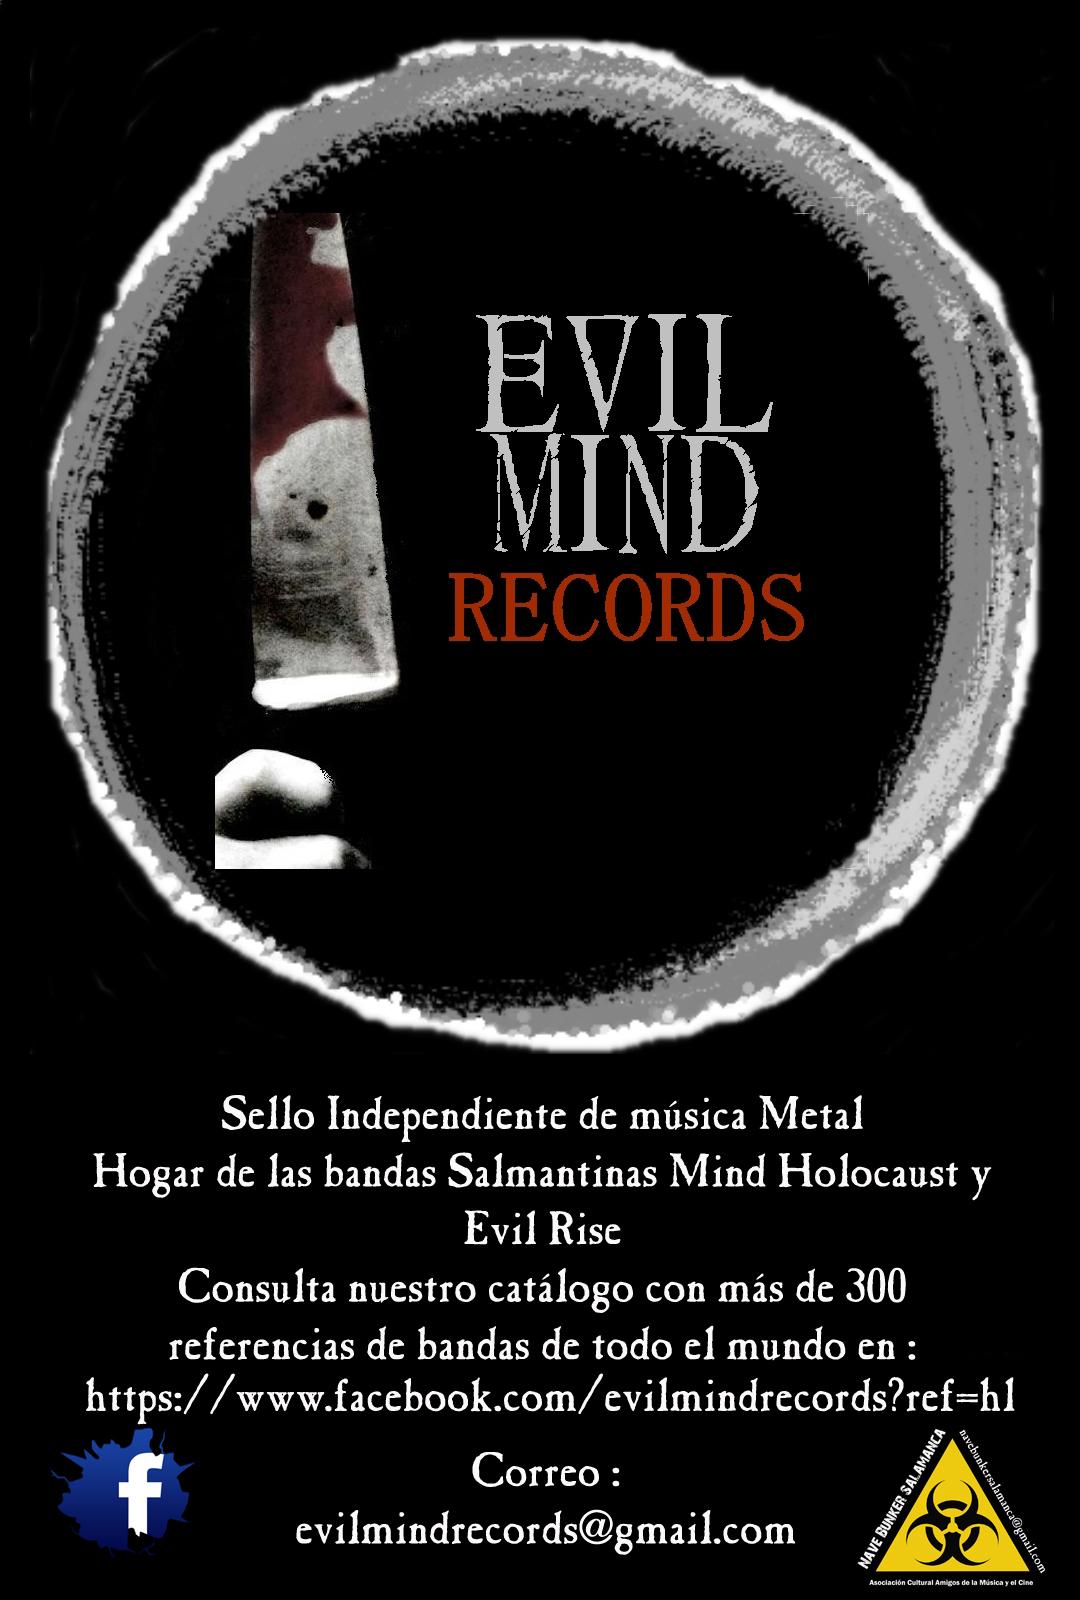 Tienda EvilMind Records